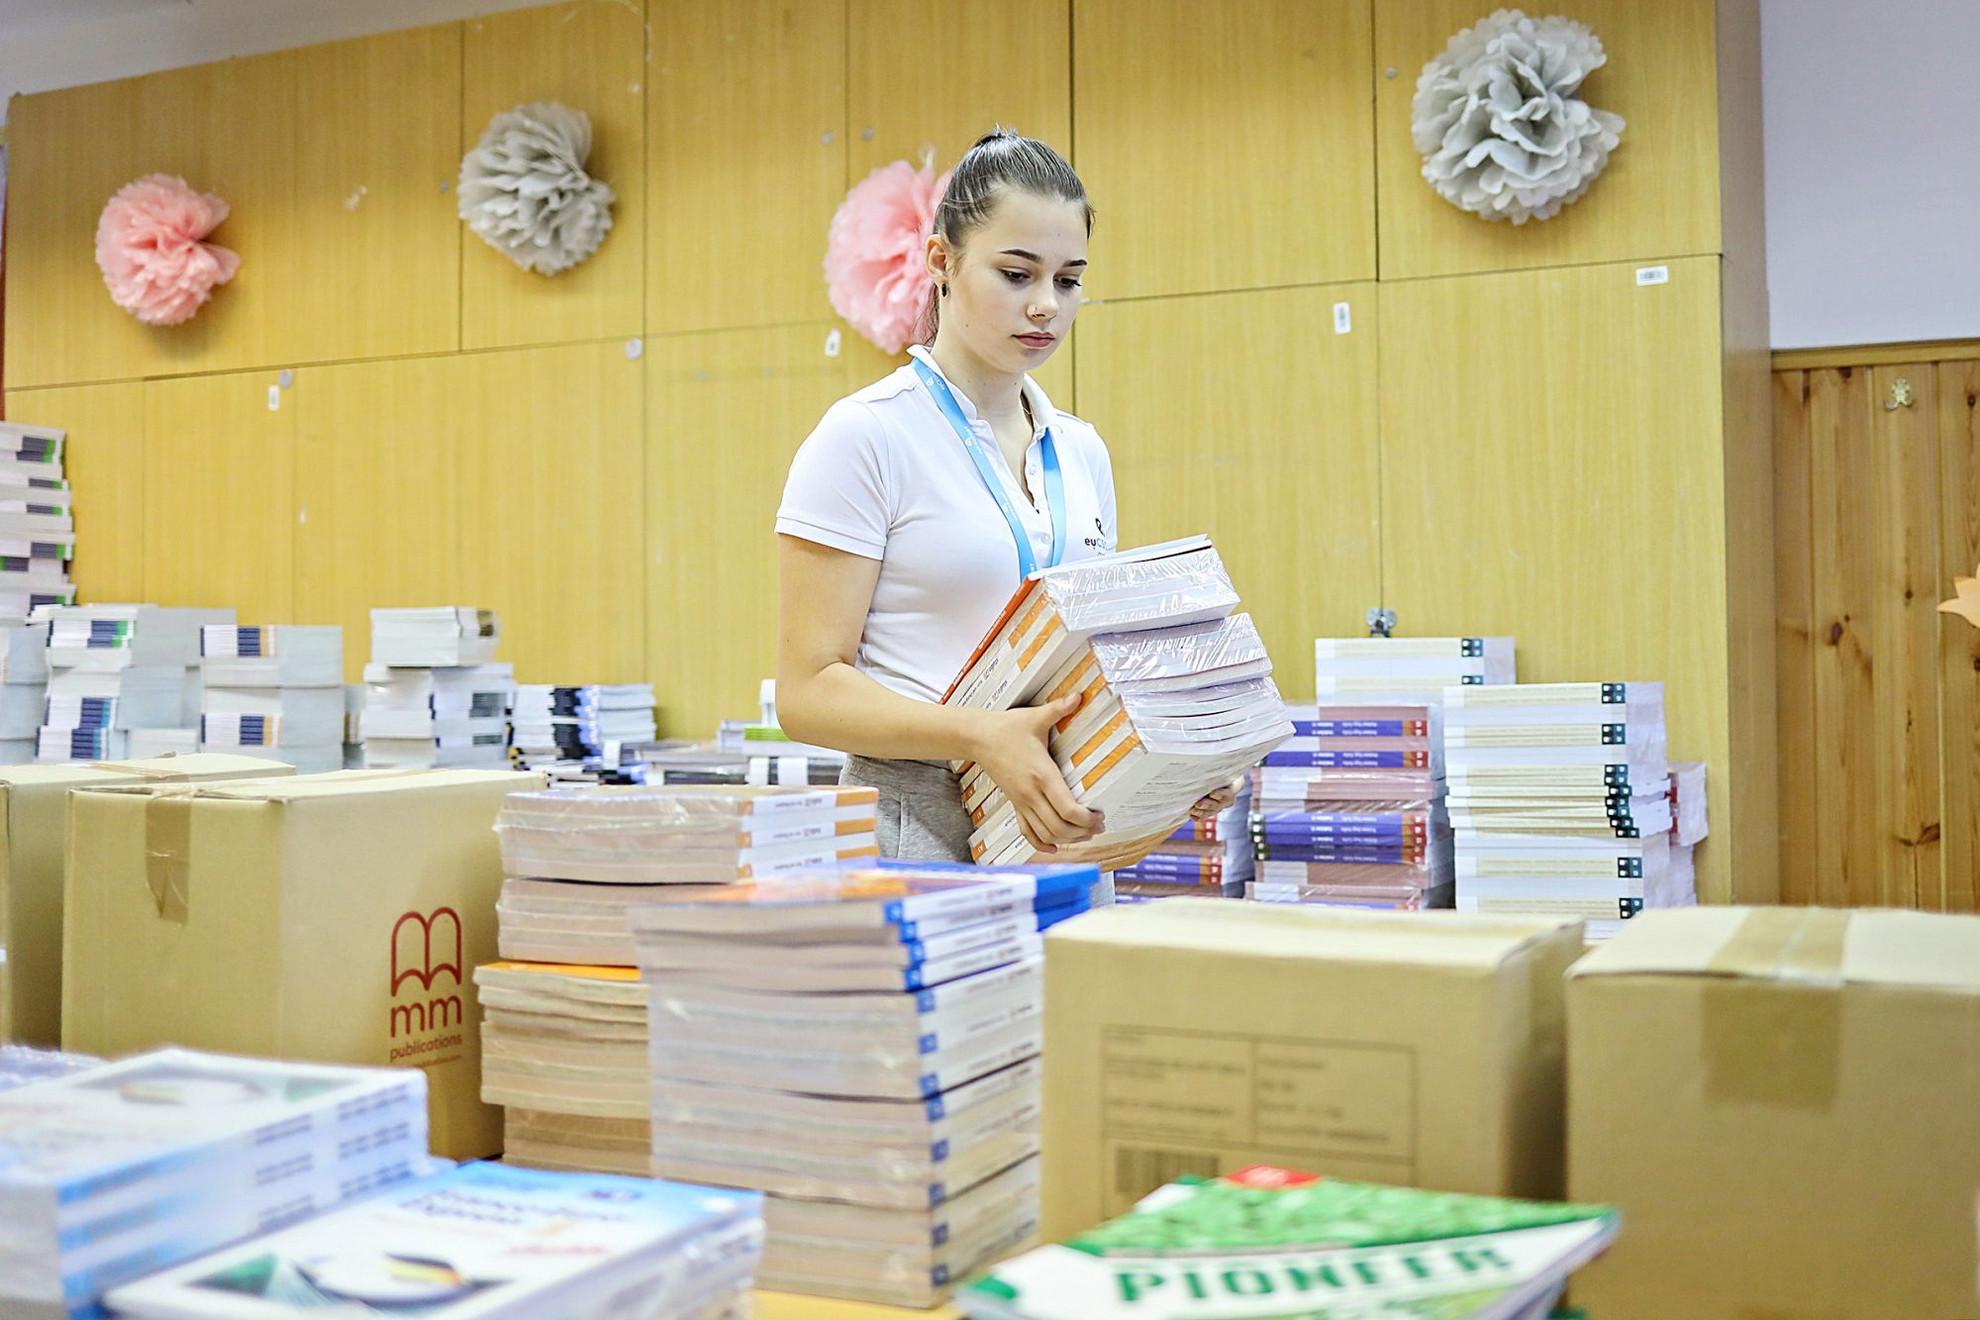 Ingyenes tankönyvellátást biztosítanak 2020 szeptemberétől valamennyi tanulónak